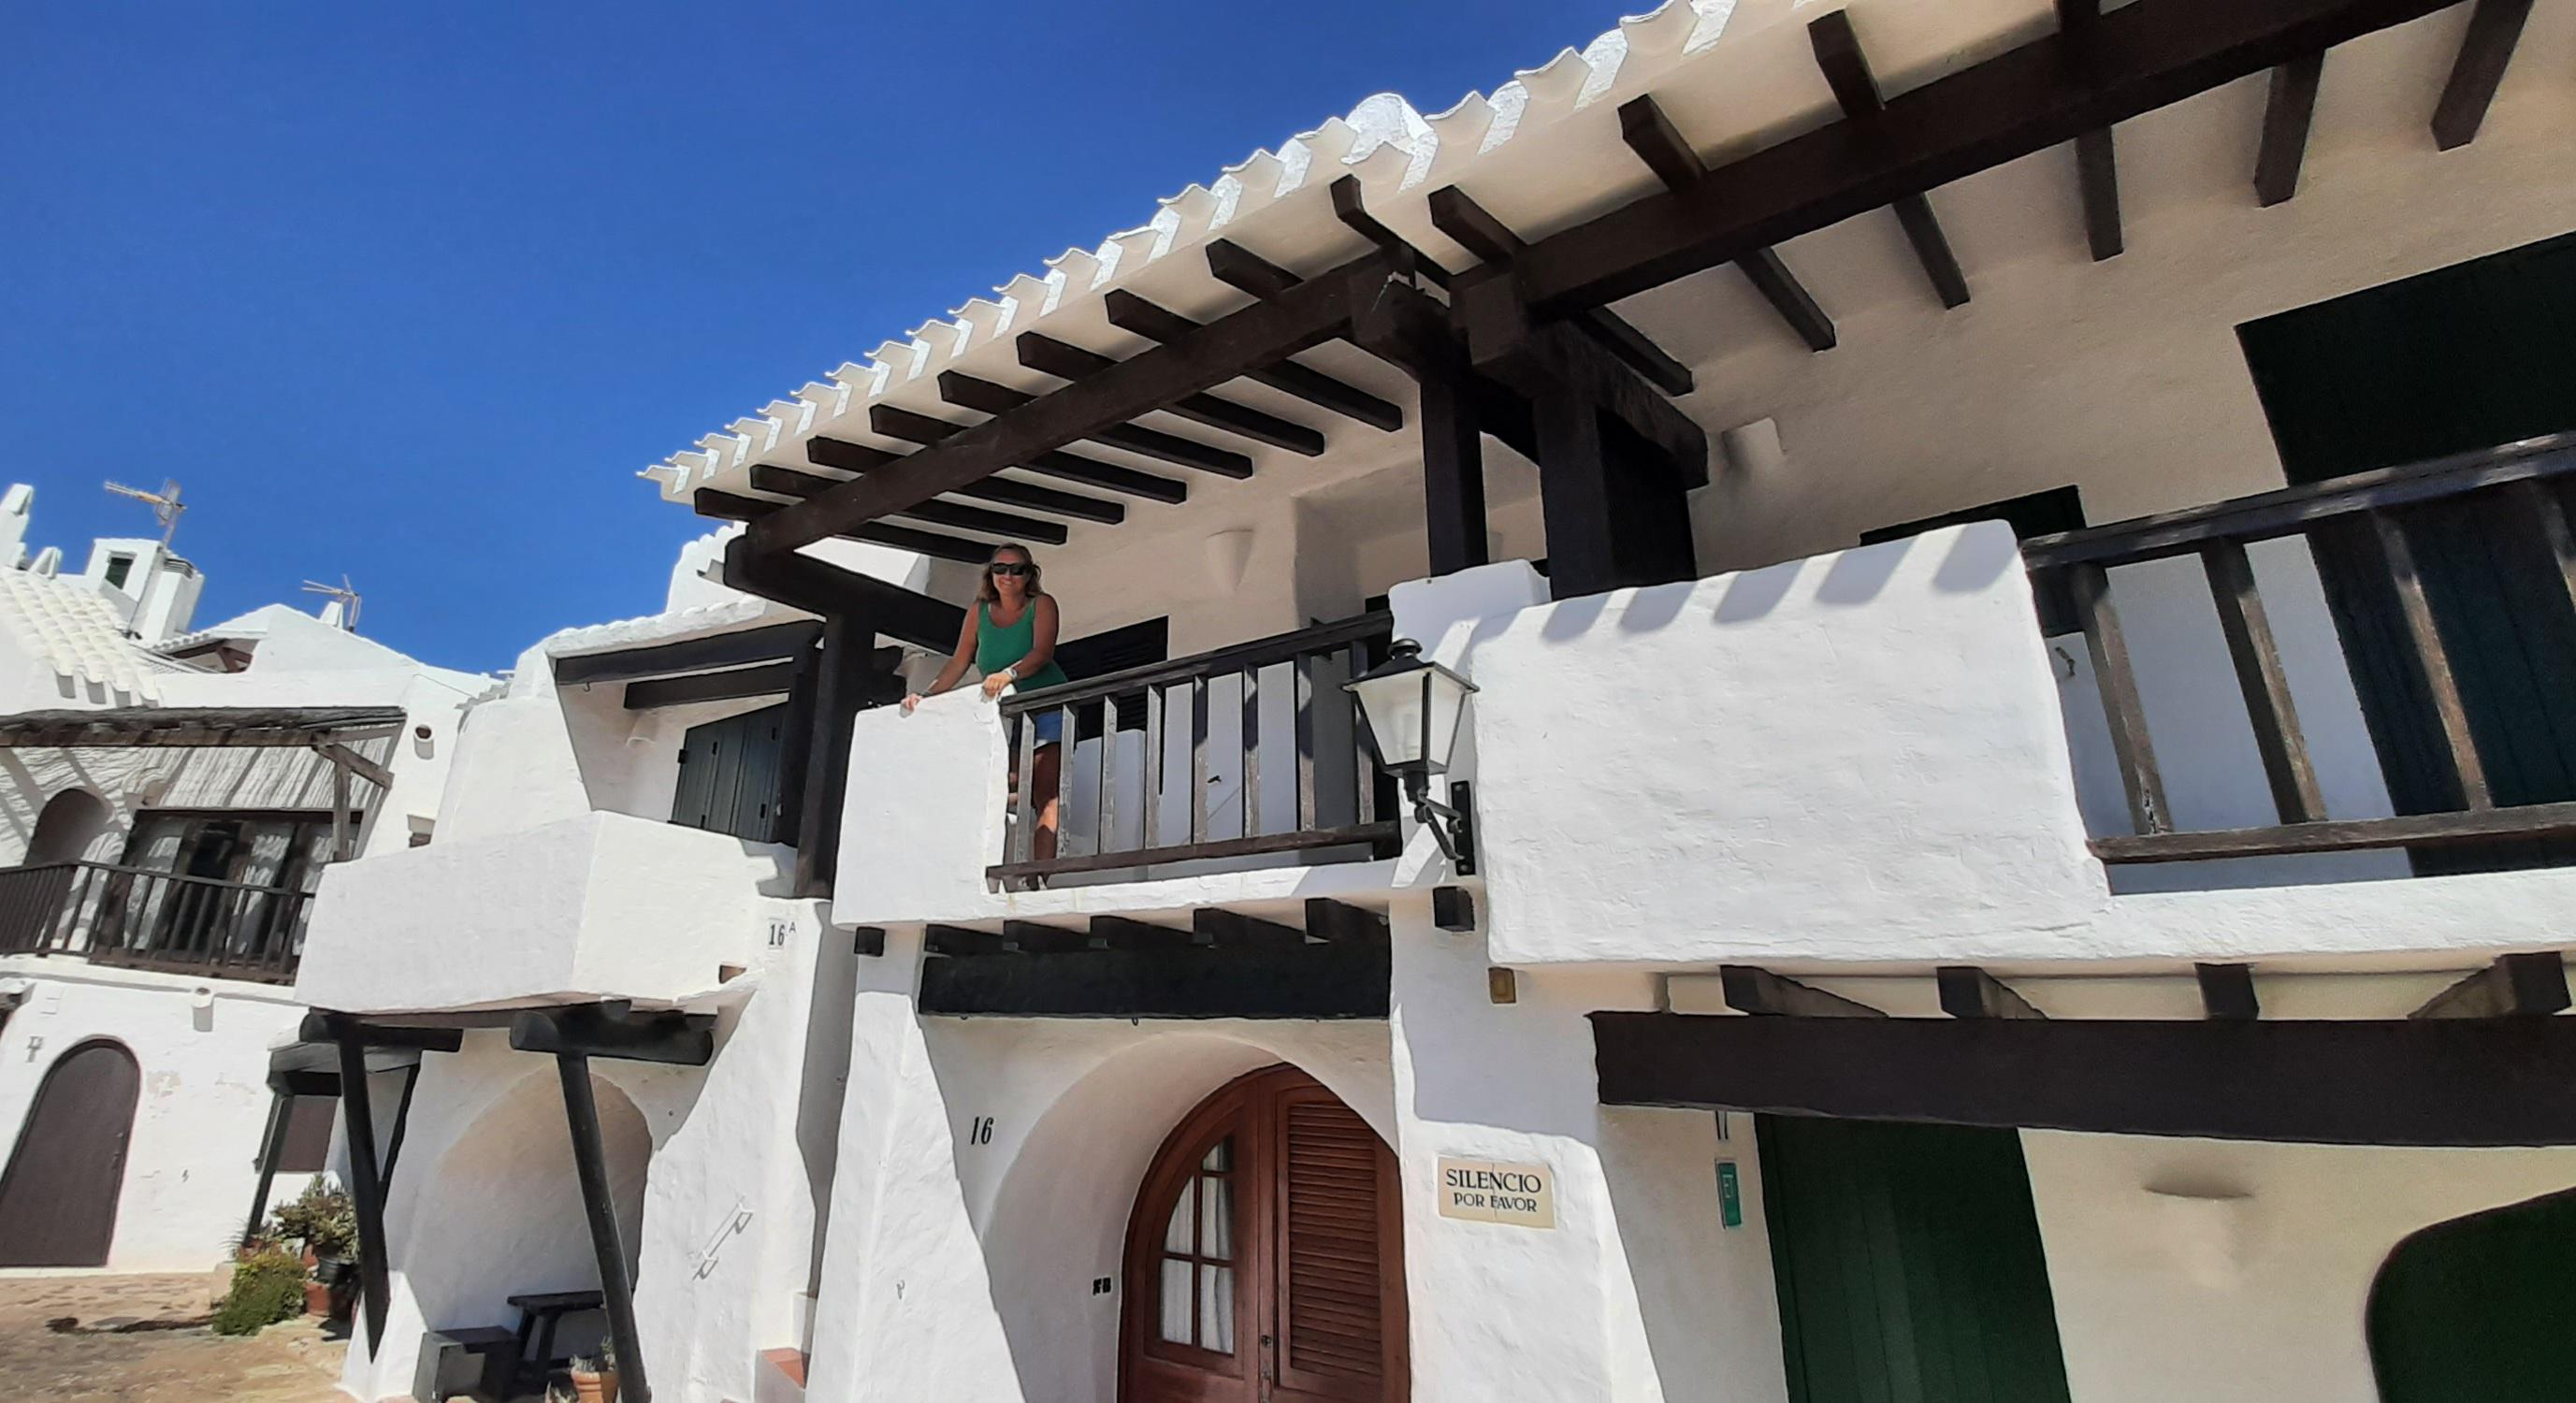 Binibequer Vell, Menorca, 8 mayo 2021